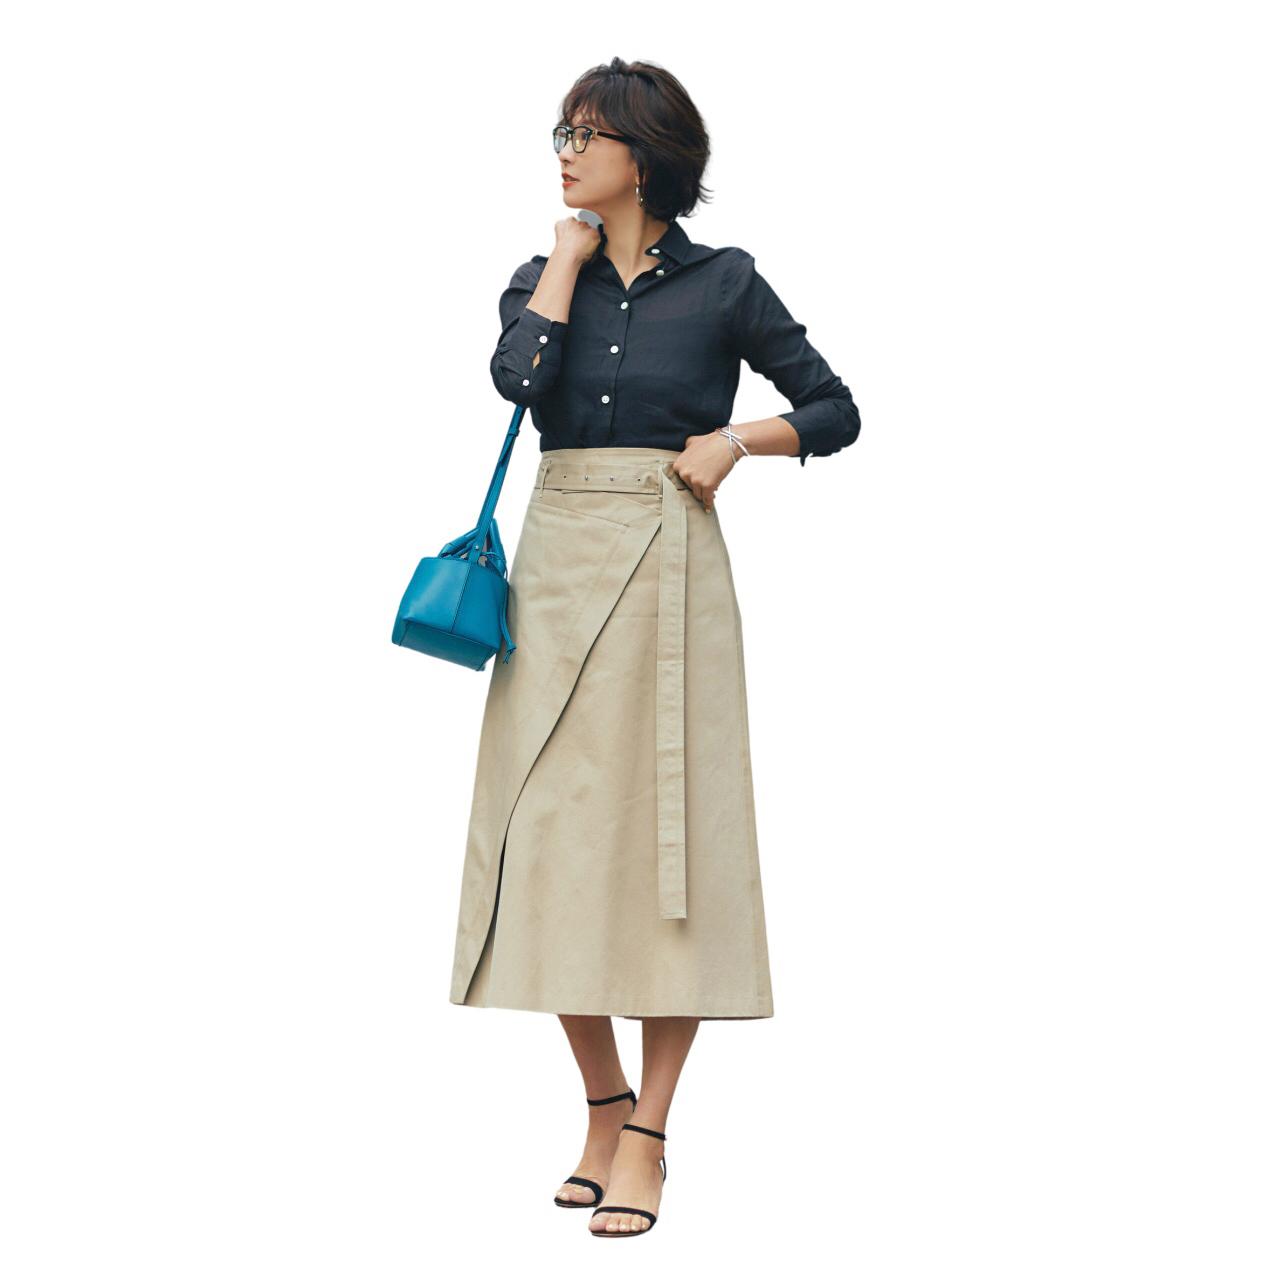 ネイビーシャツとベージュスカートのコーデ モデル・五明祐子